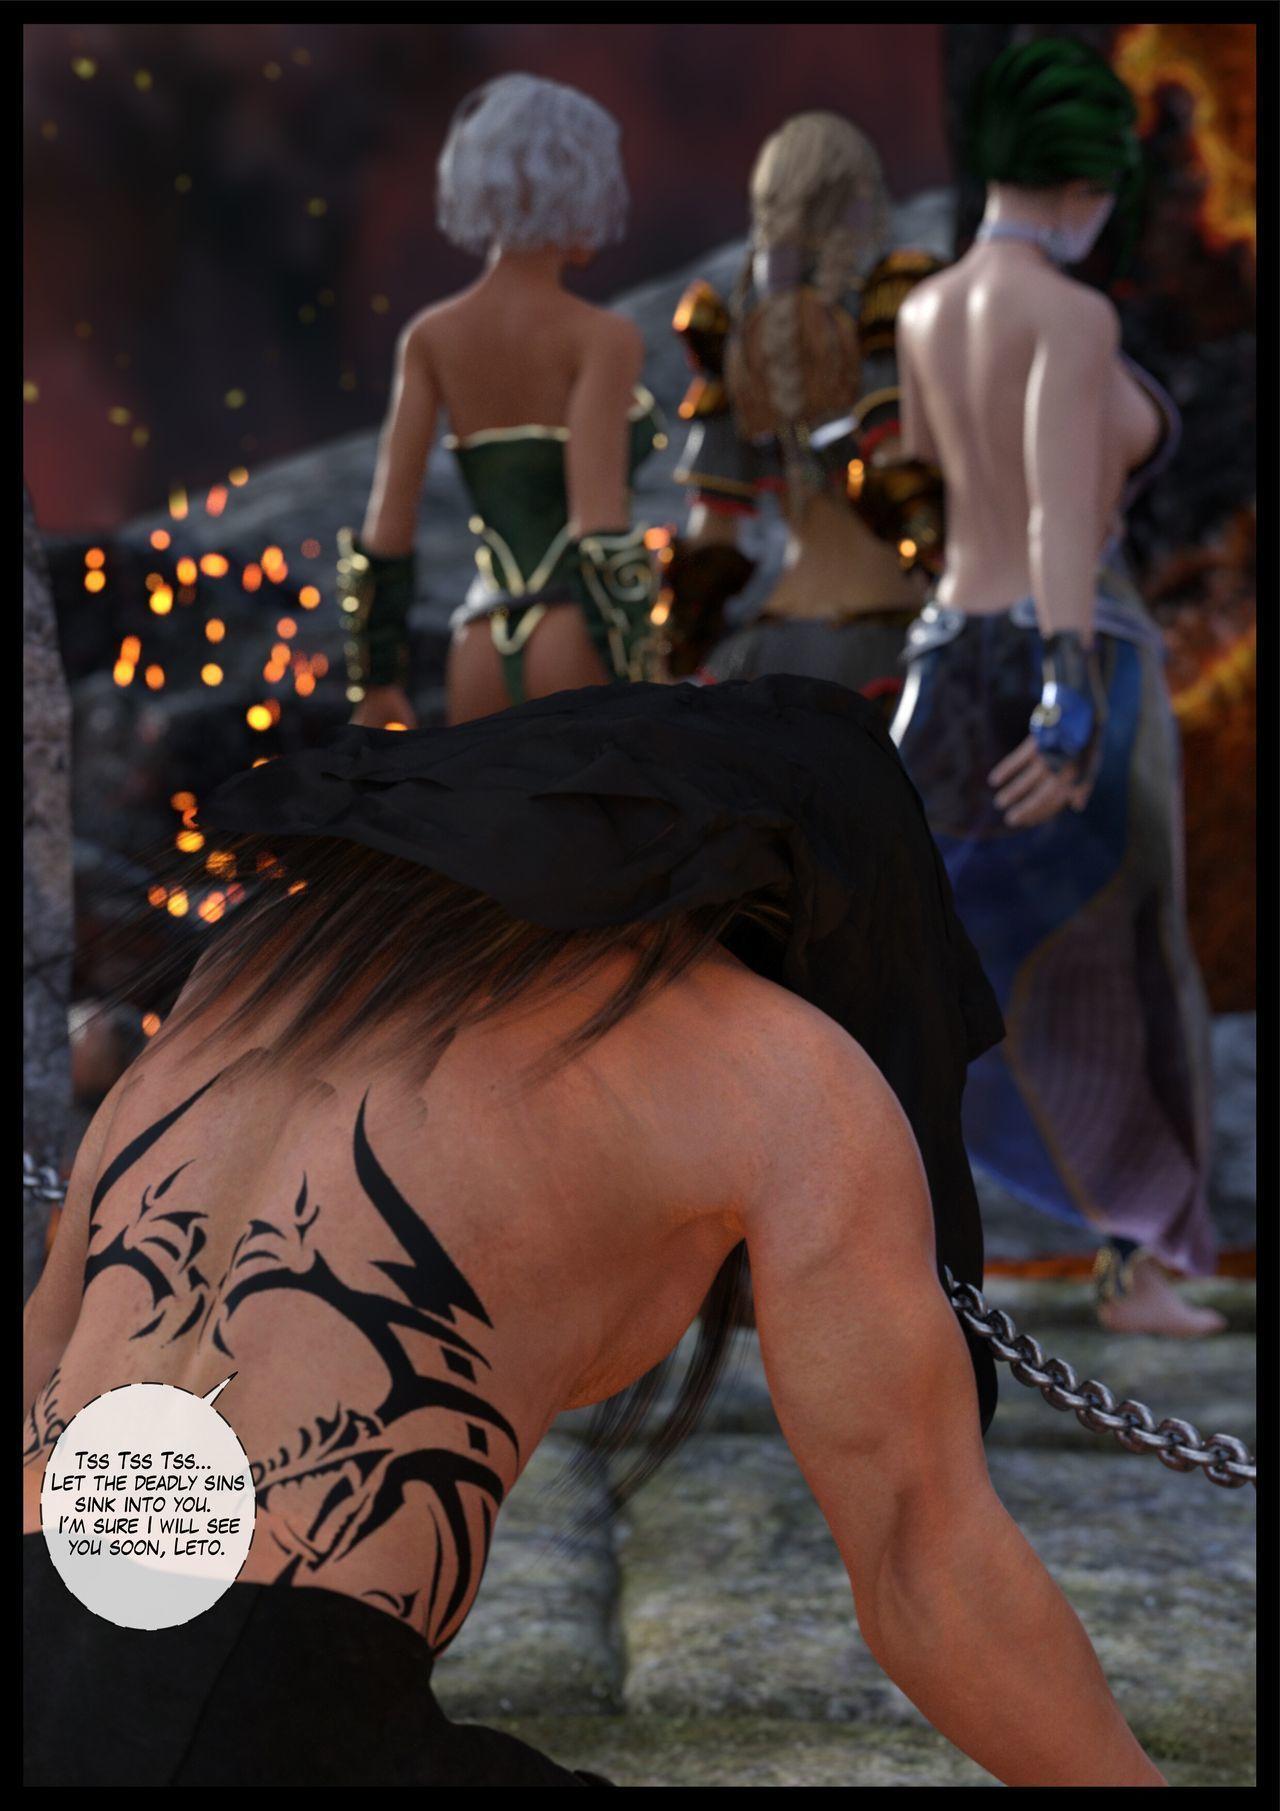 [Shinra-kun] The Fallen Star Ch. 9: Liber Genesis - Part 1 - part 7